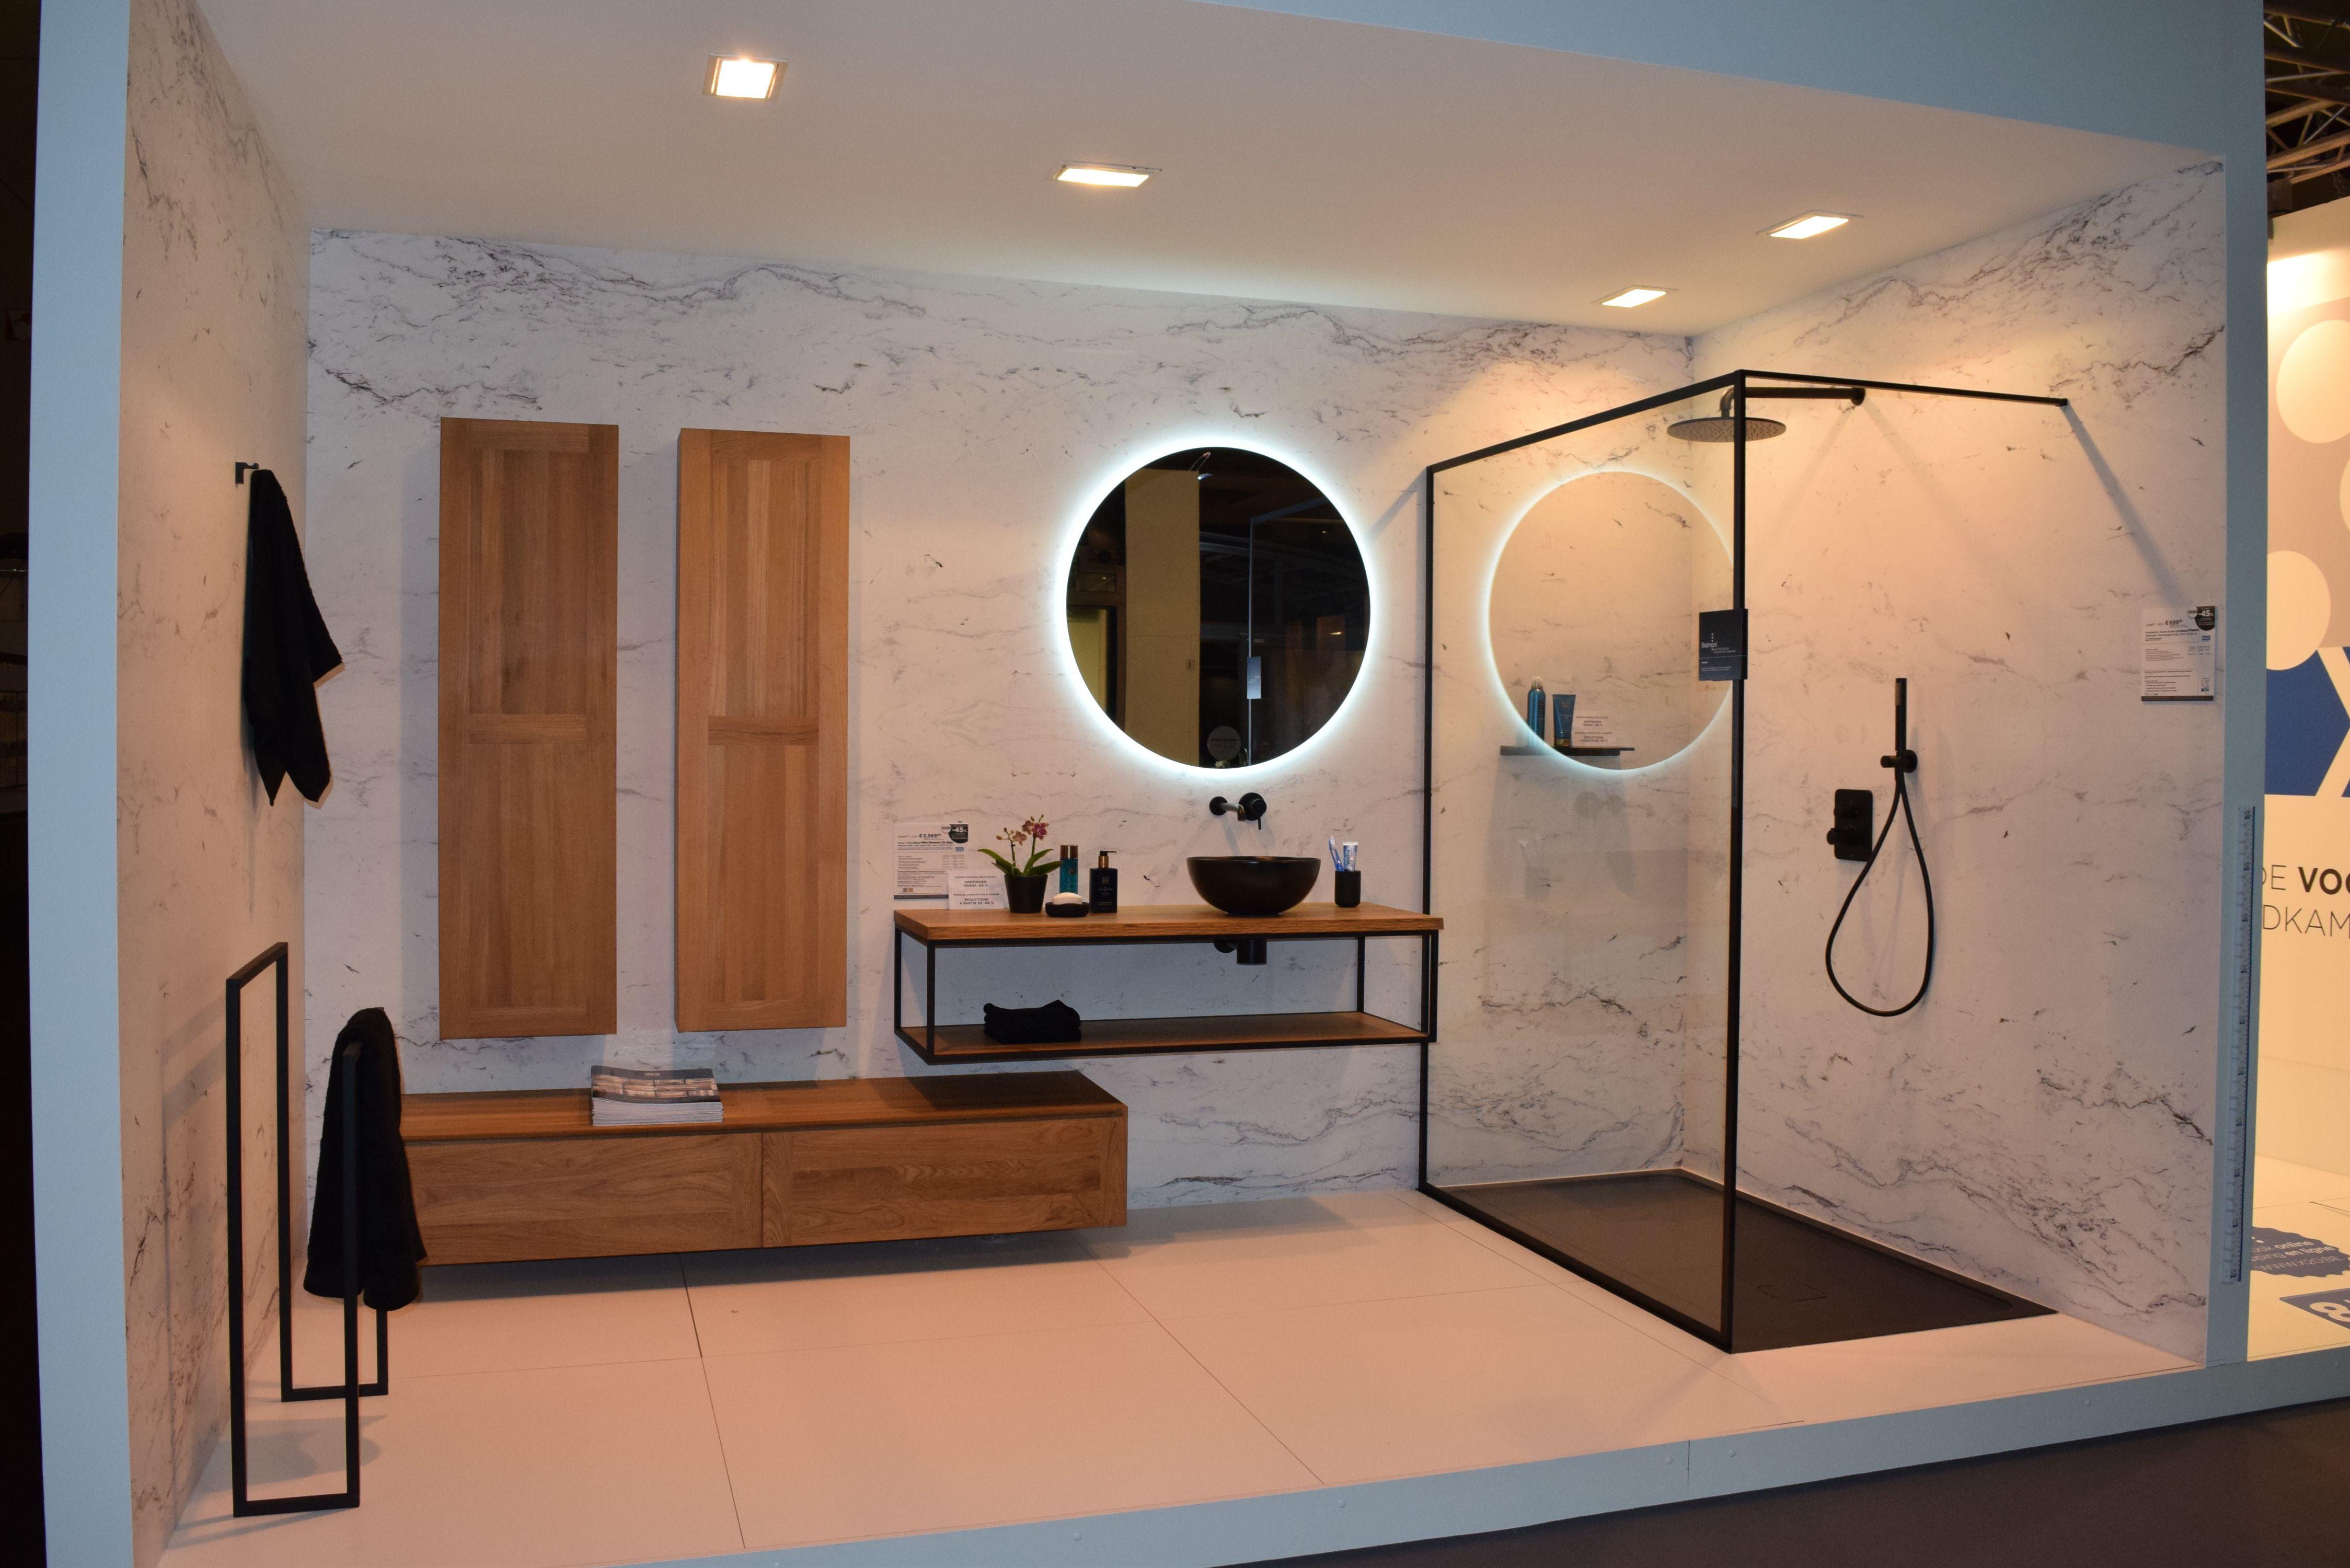 Spiegel Zwart Rond : Stijlvolle badkamer met diverse elementen de ronde spiegel met